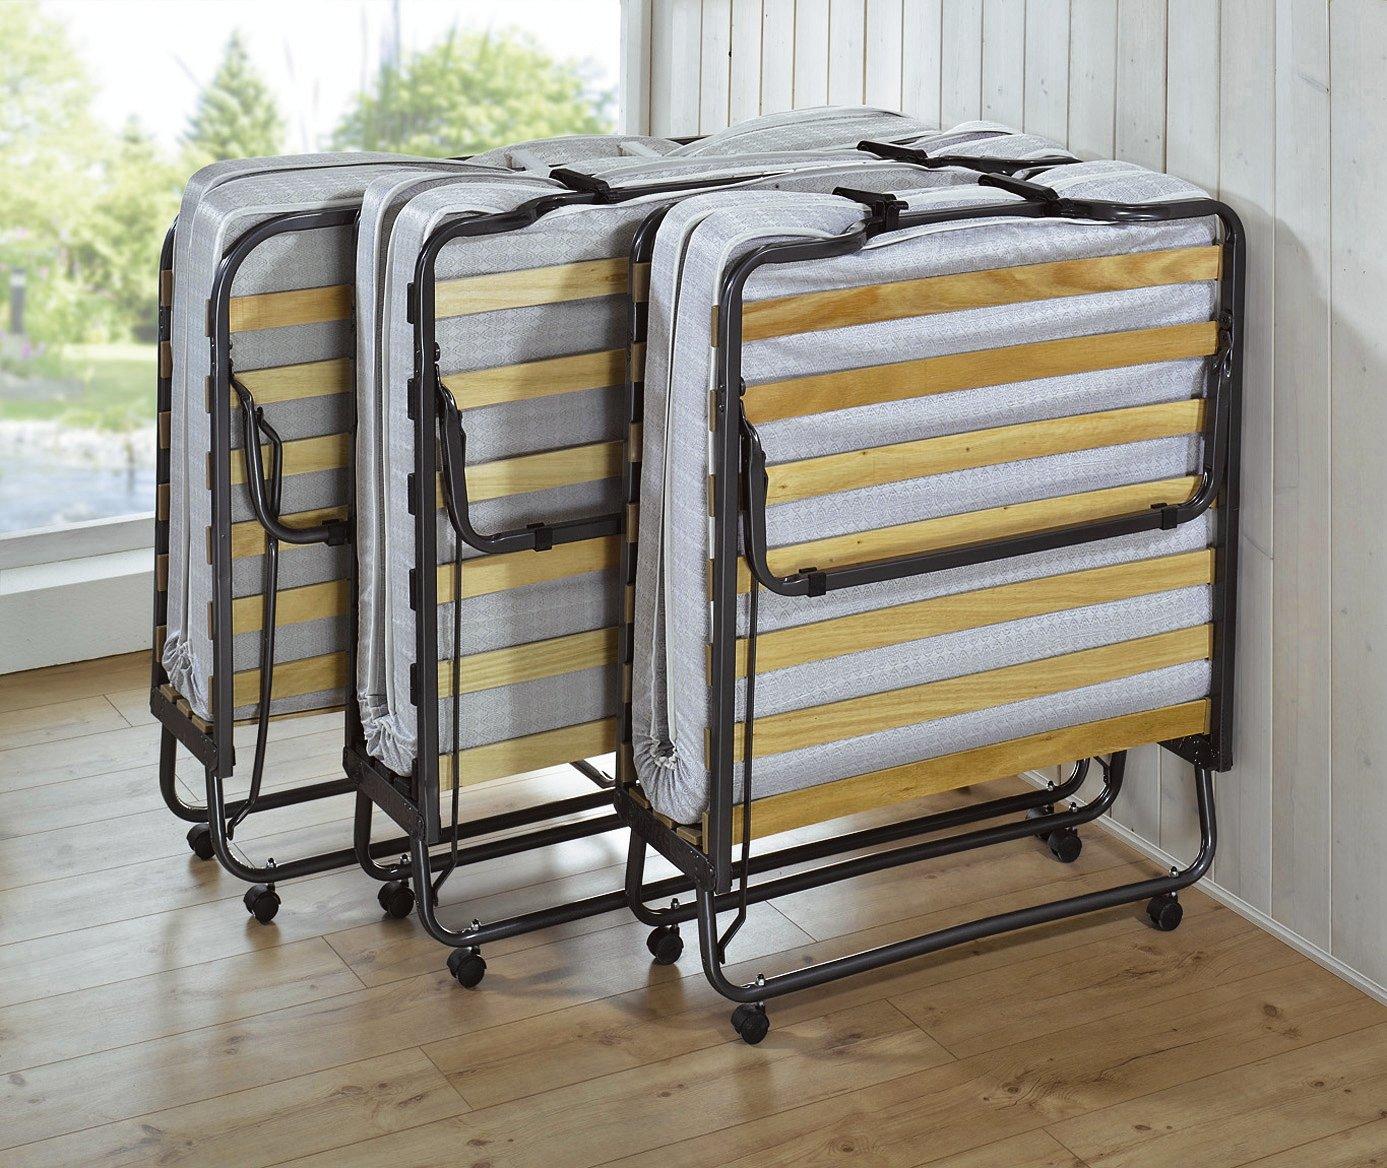 g stebett klappbett bett klappmatratze schlafsofa in. Black Bedroom Furniture Sets. Home Design Ideas